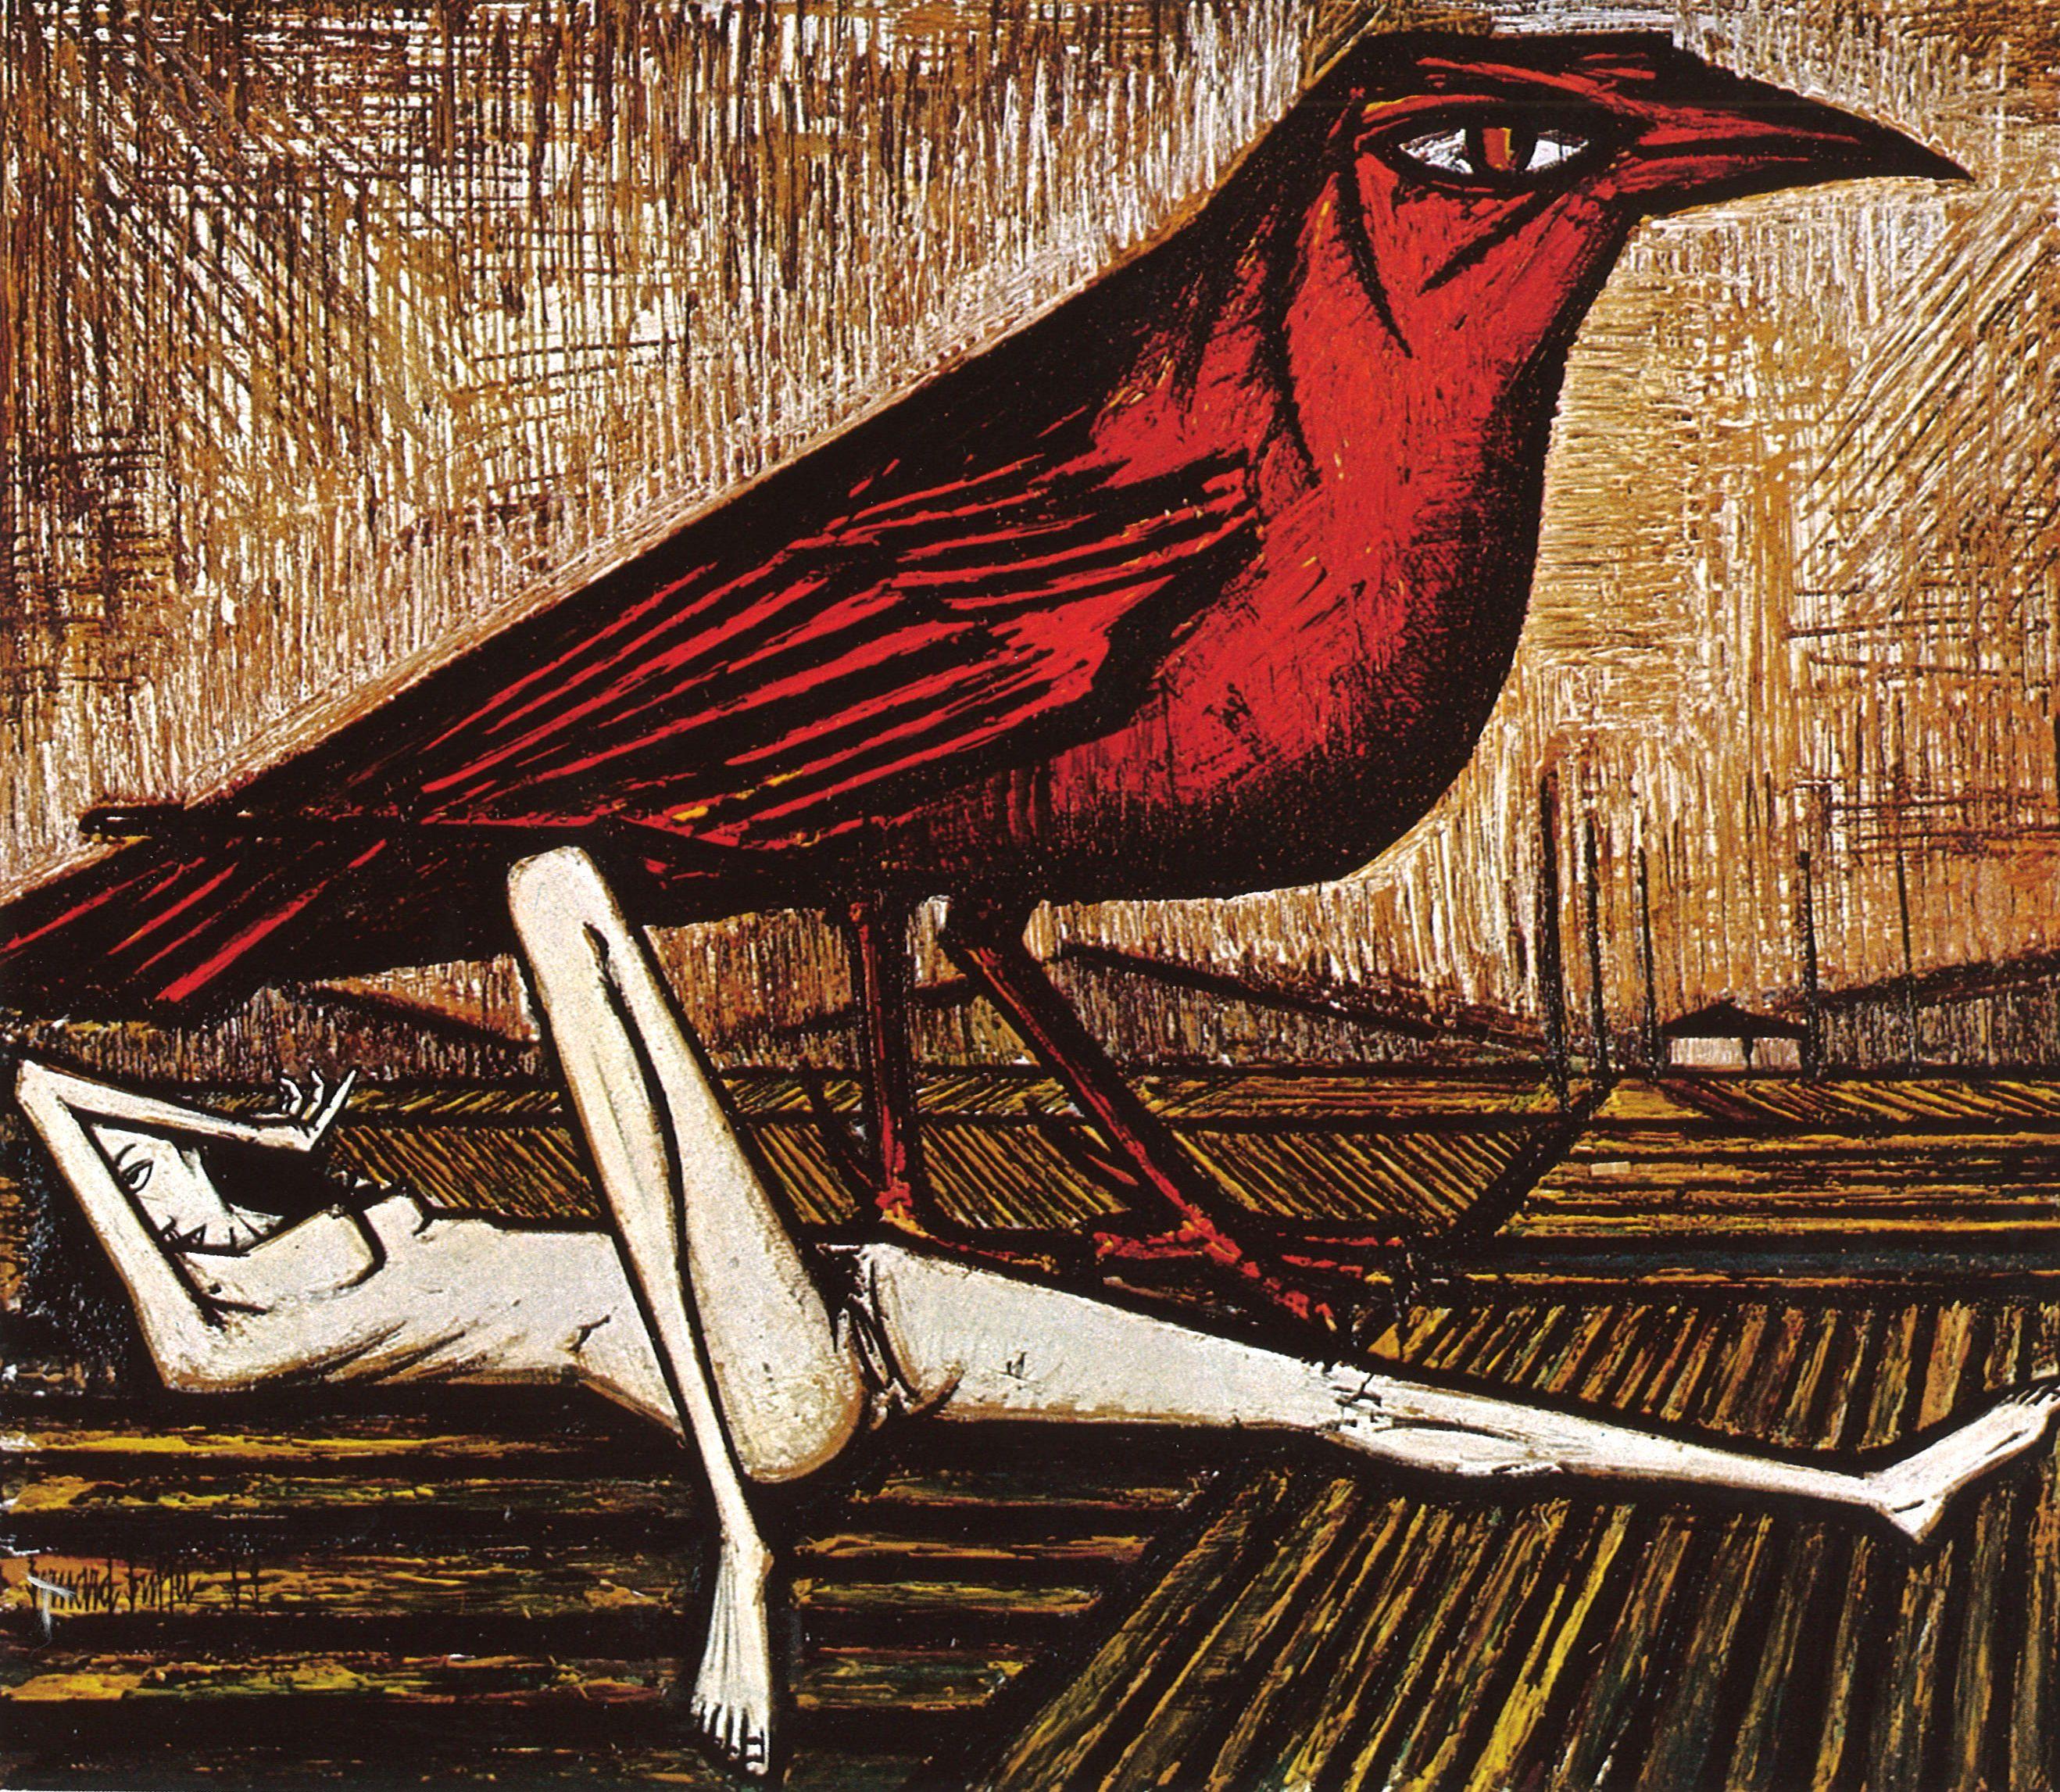 Bernard buffet l oiseau rouge 1959 art pinterest for Buffet bernard